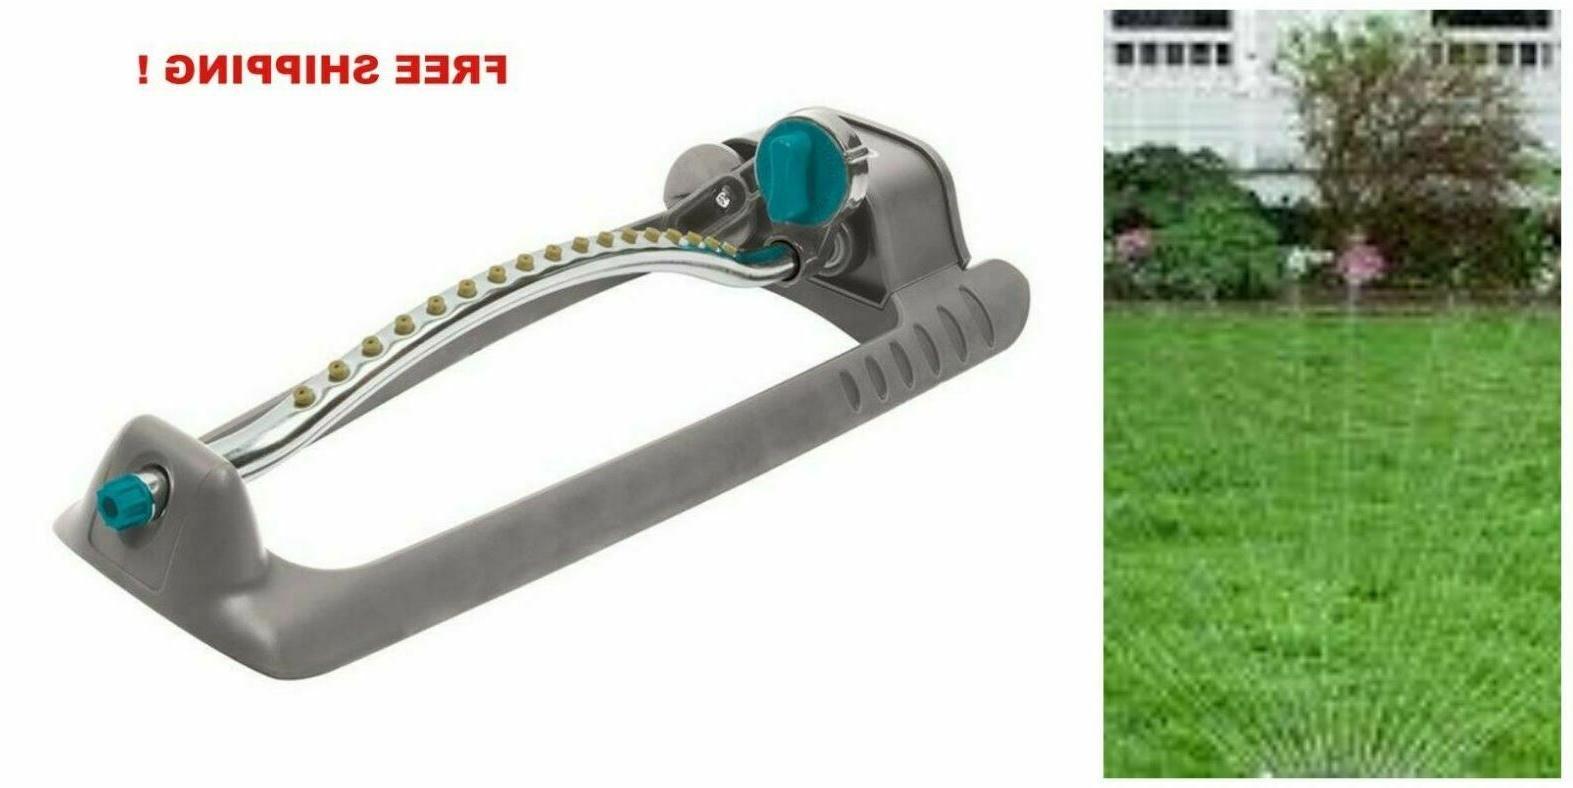 metal adjustable oscillating sled base lawn sprinkler